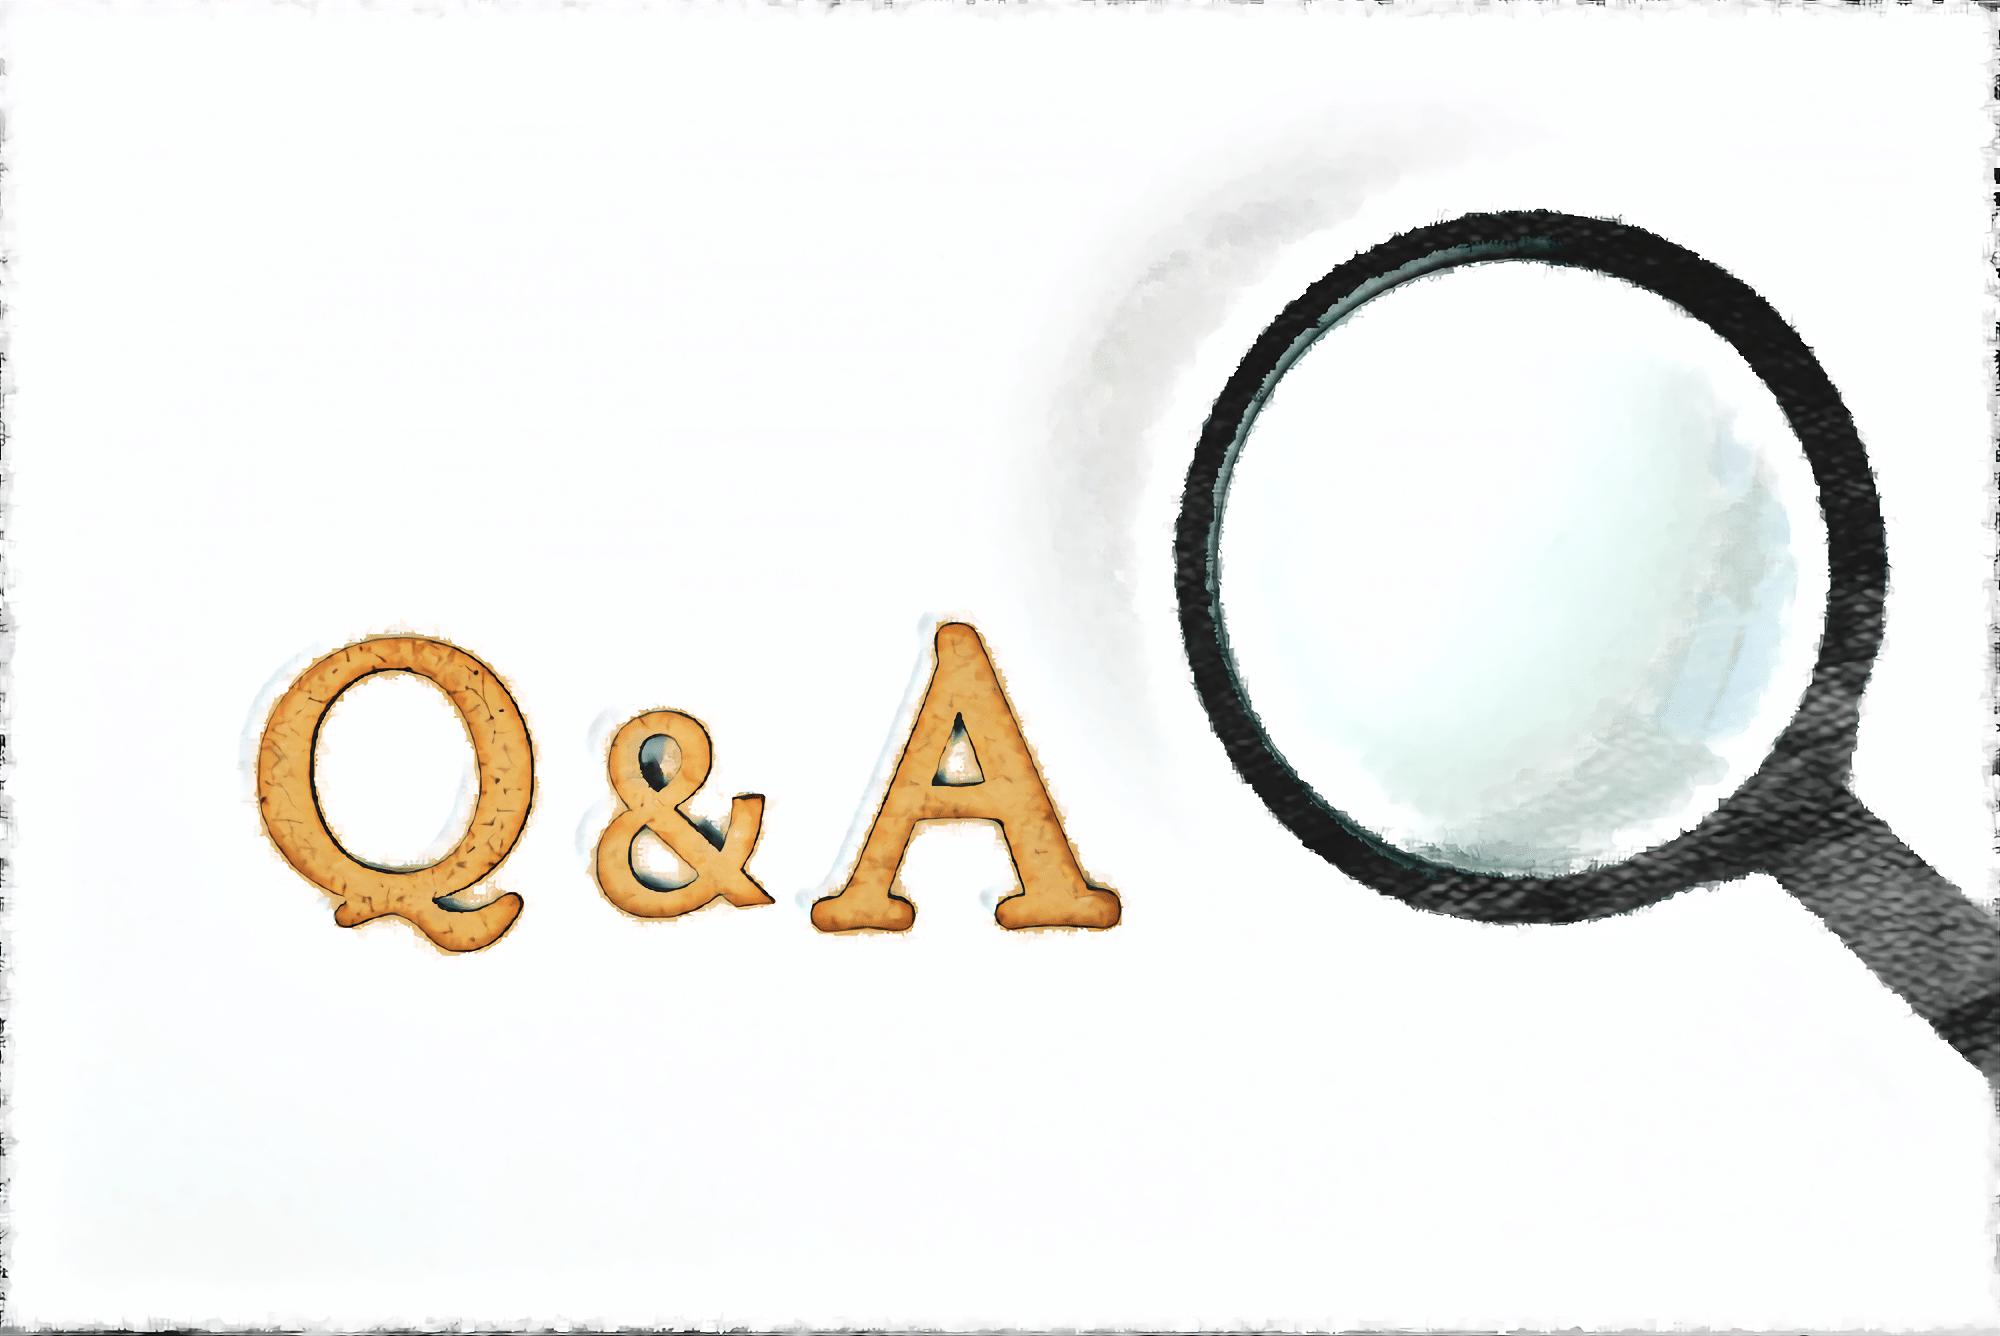 Q&Aの文字とルーペ